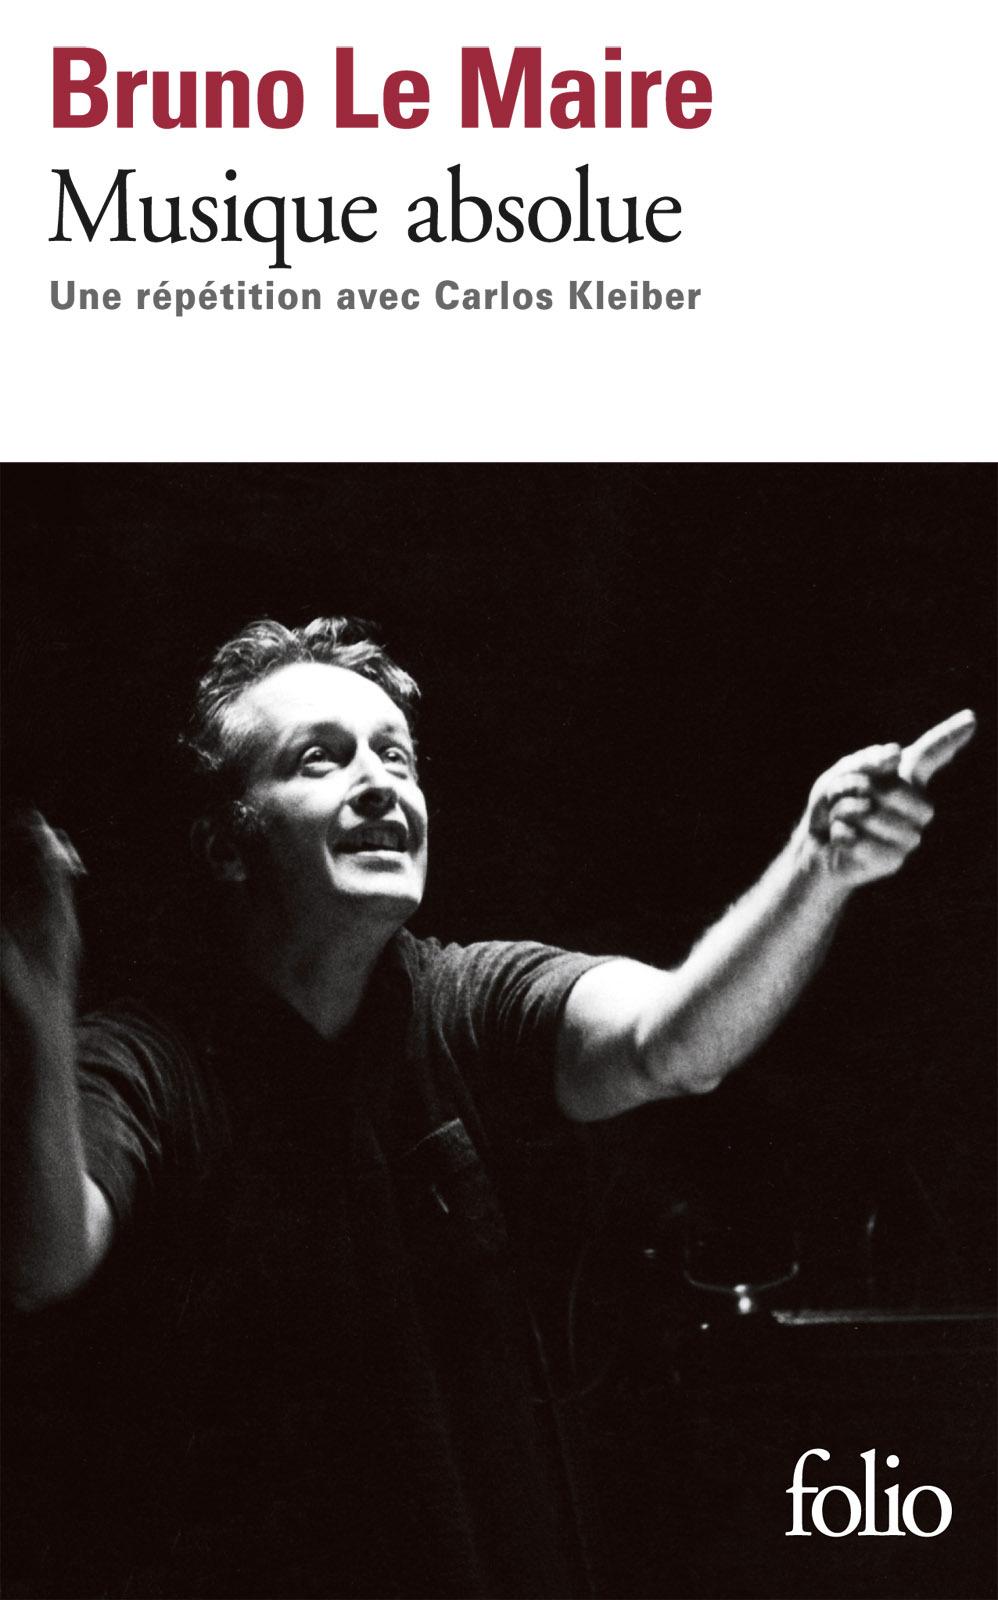 Musique absolue. Une répétition avec Carlos Kleiber